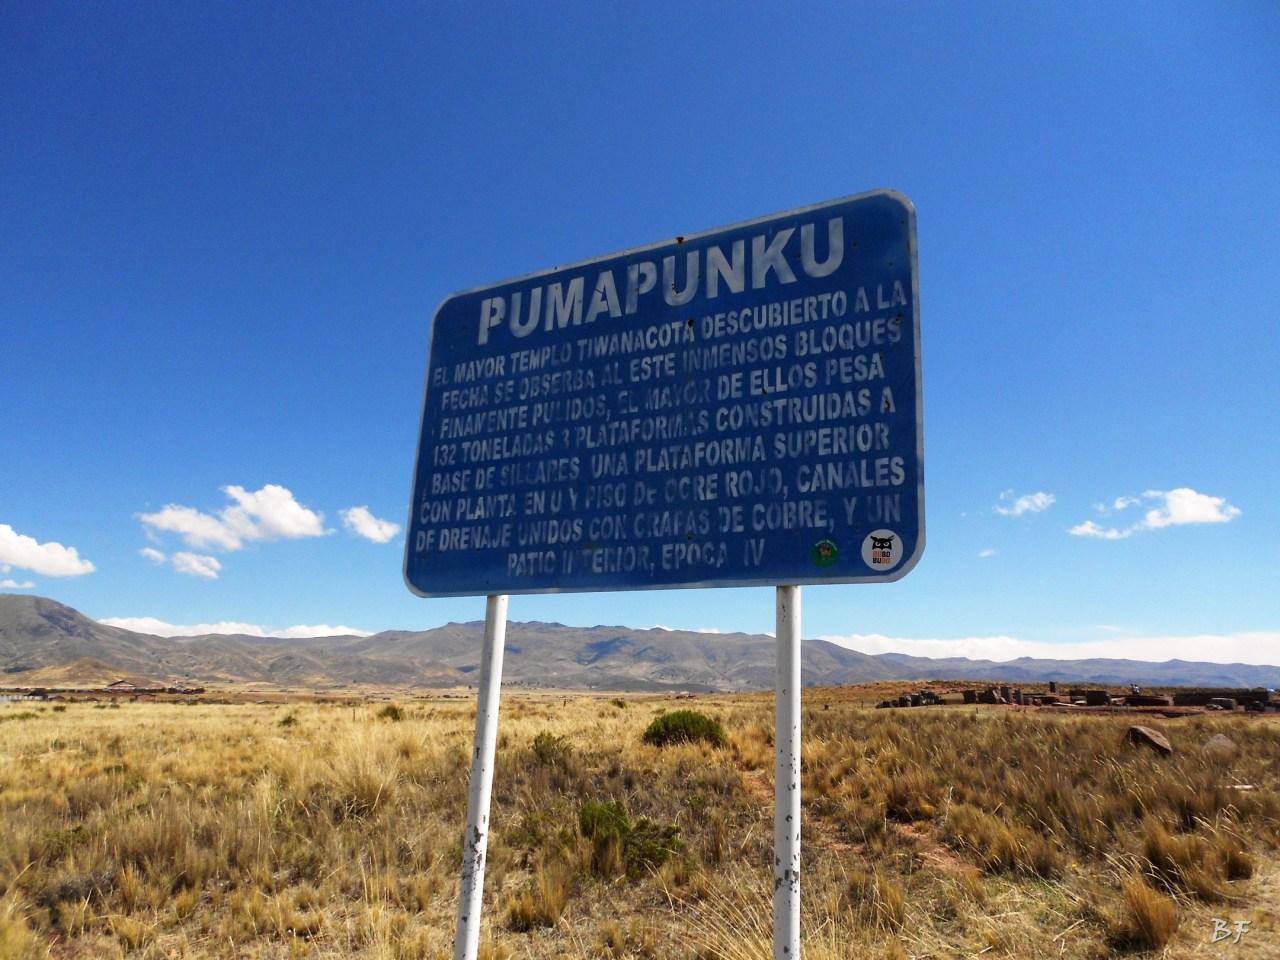 Puma-Punku-Area-Megalitica-Mura-Poligonali-Megaliti-Tiwanaku-Tiahuanaco-Bolivia-64